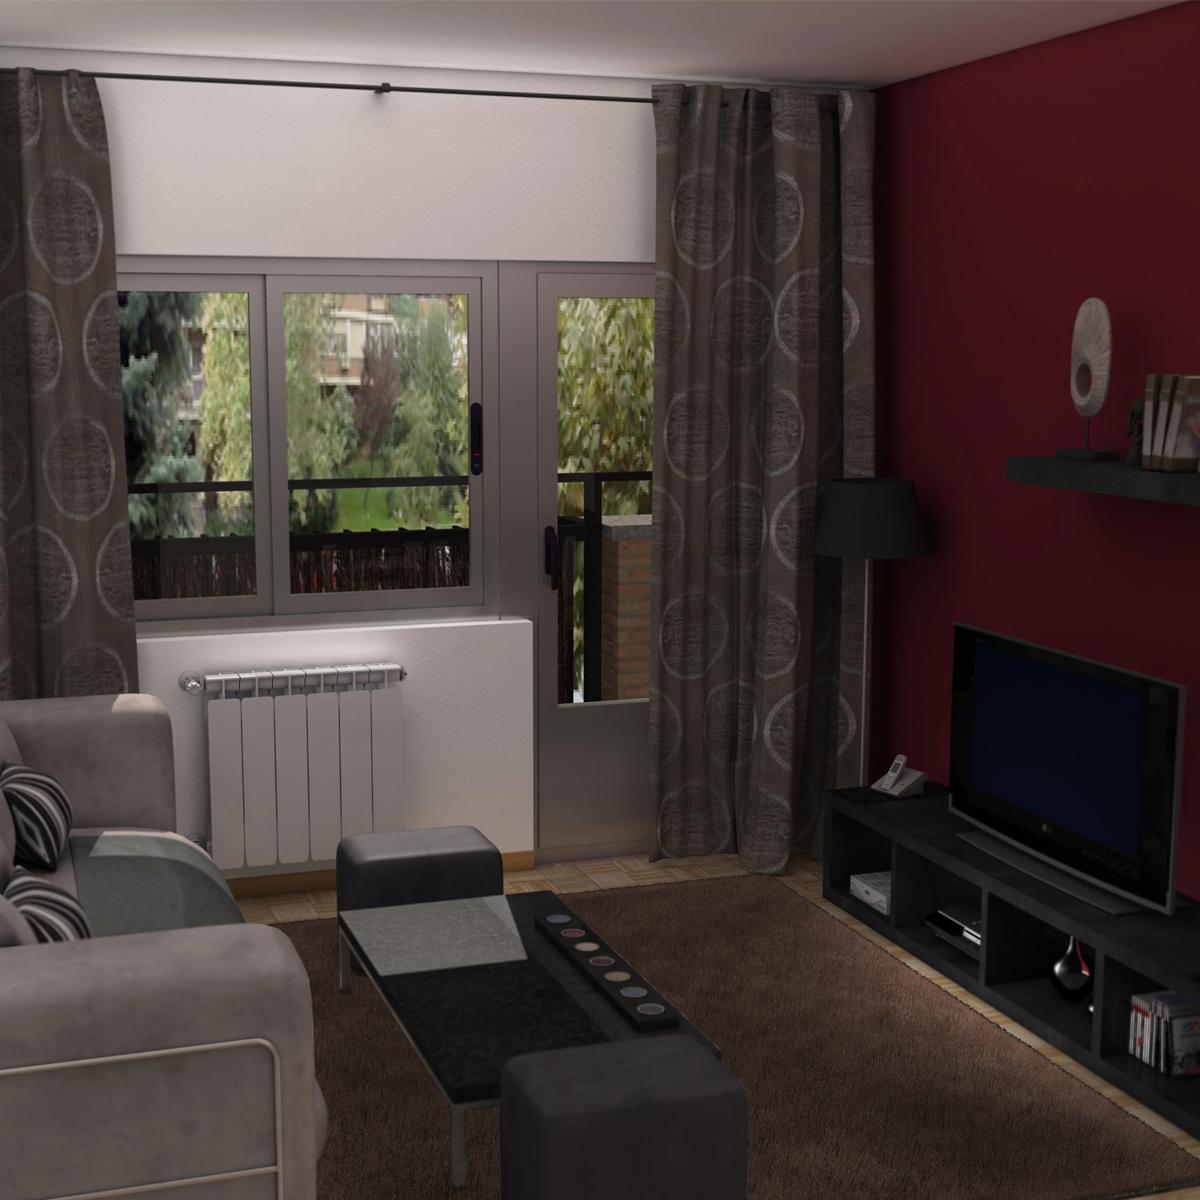 Living room 3d model 3ds max fbx c4d ma mb obj 159603